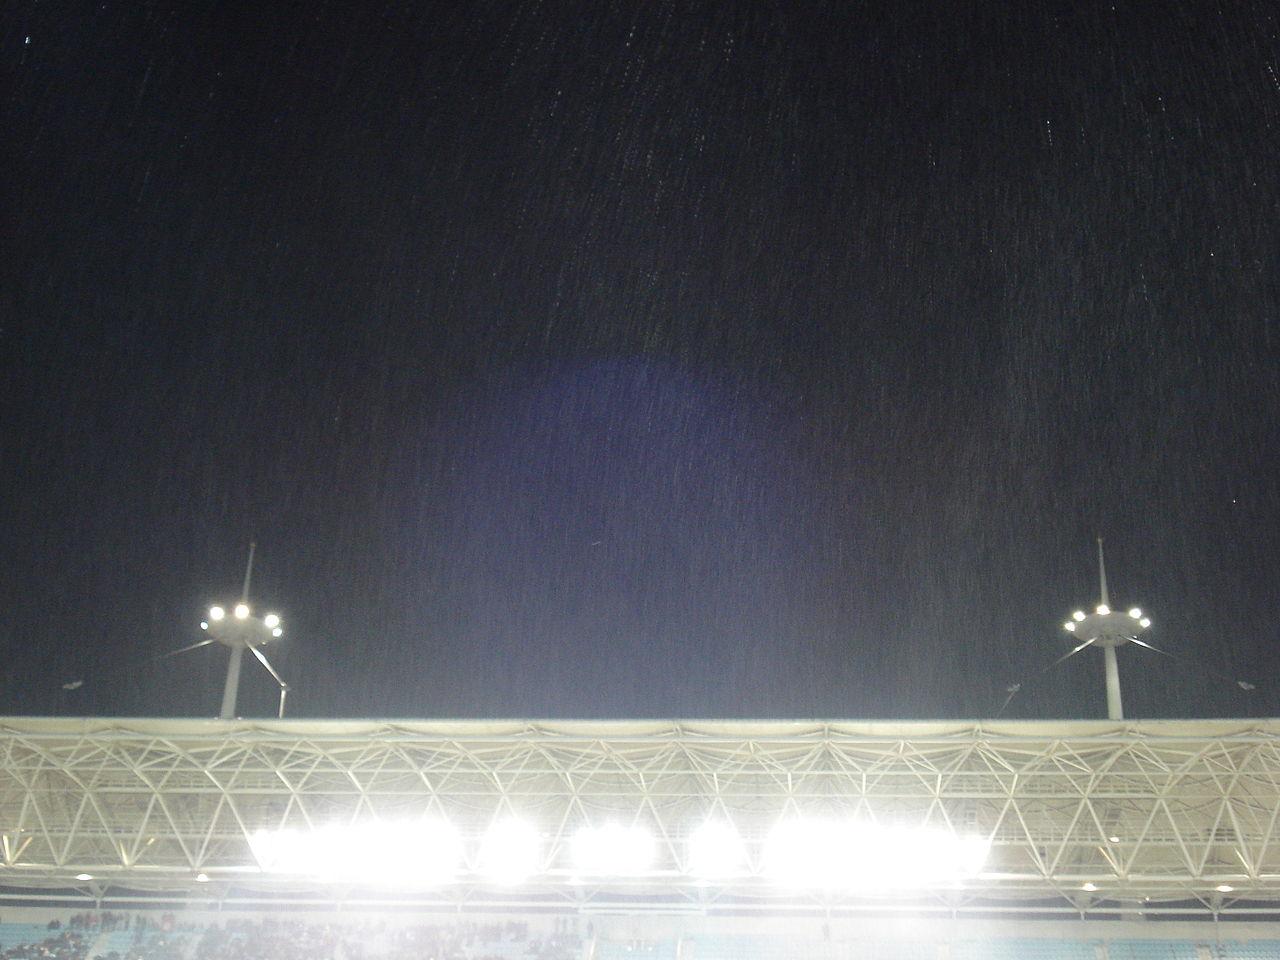 File la pluie sur le stade de rad s pendant le match for Porte 8 stade rades